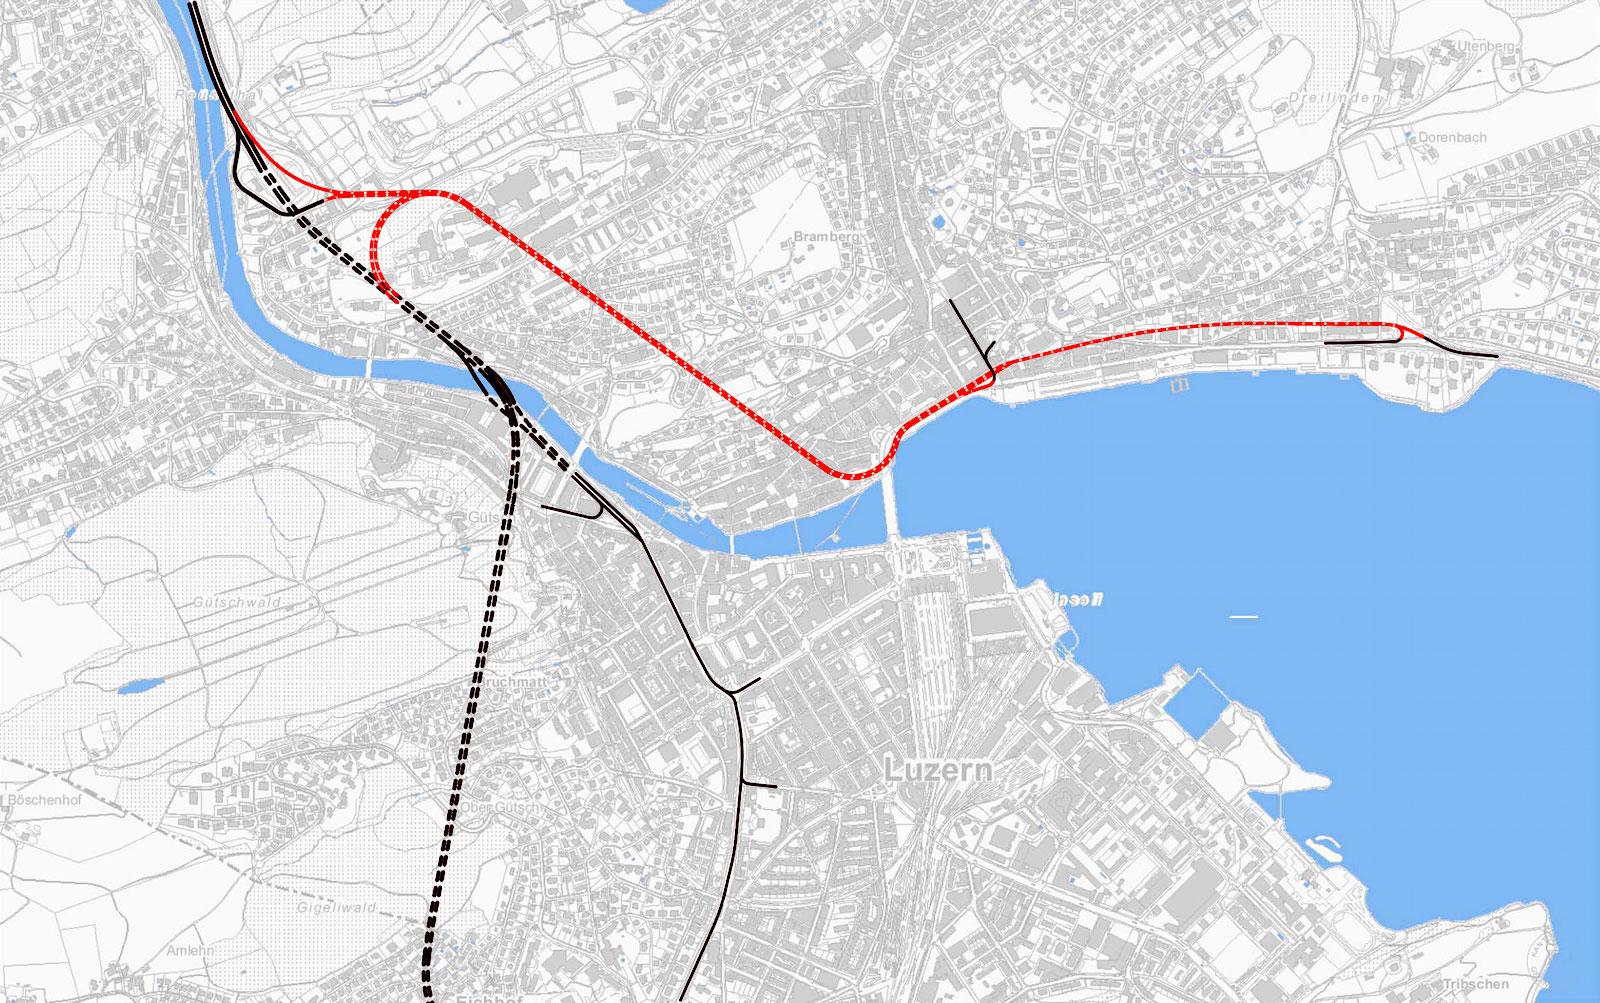 Schwarz sind die heute existierenden Strassen und Tunnels – die rote Linie zeigt, wo die Spange Mitte verlaufen würde.